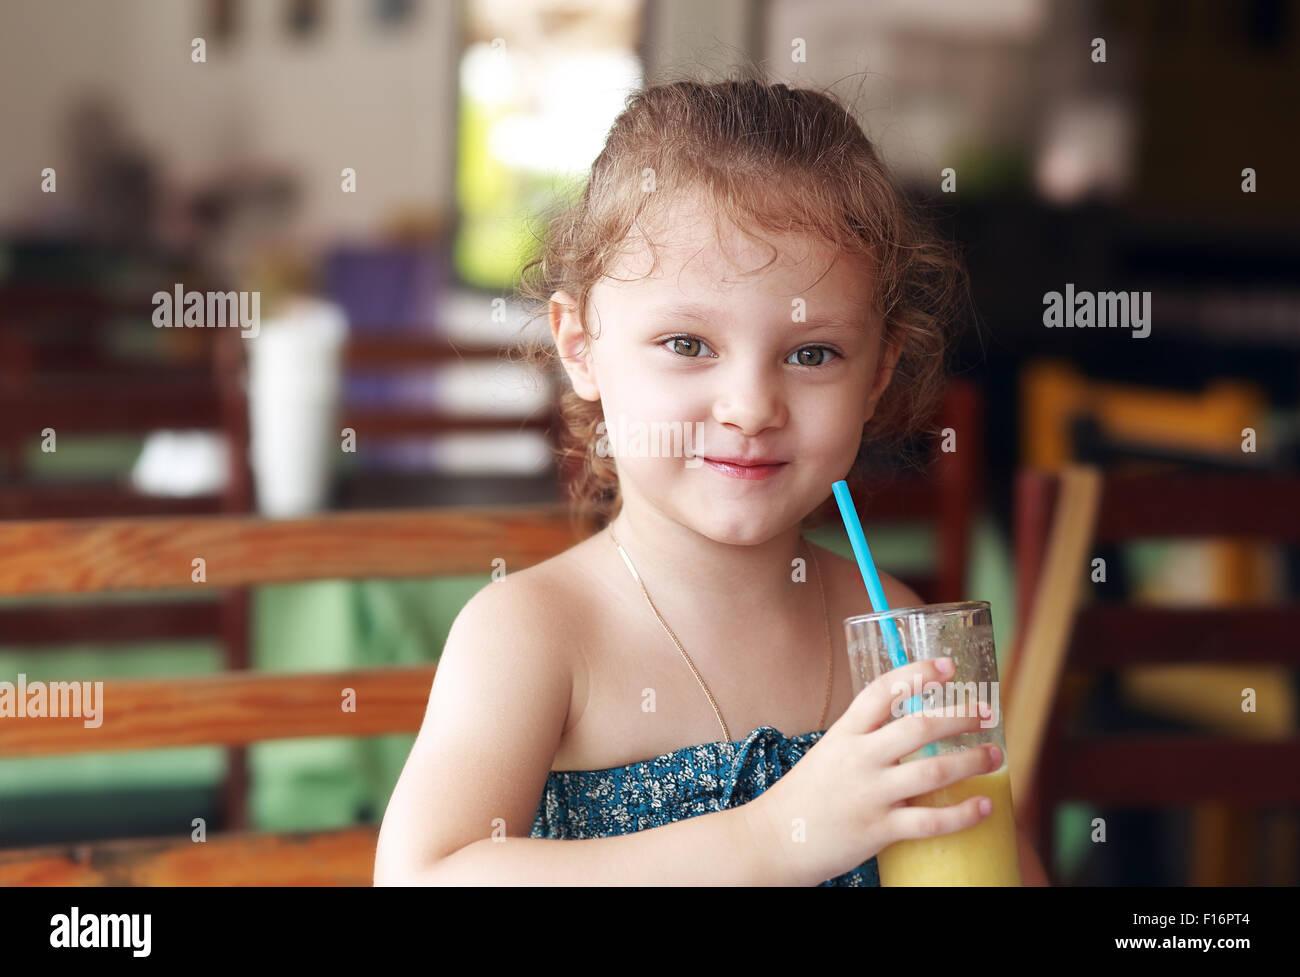 Sorridenti kid ragazza di bere succo di frutta fresco dal vetro in cafe Immagini Stock